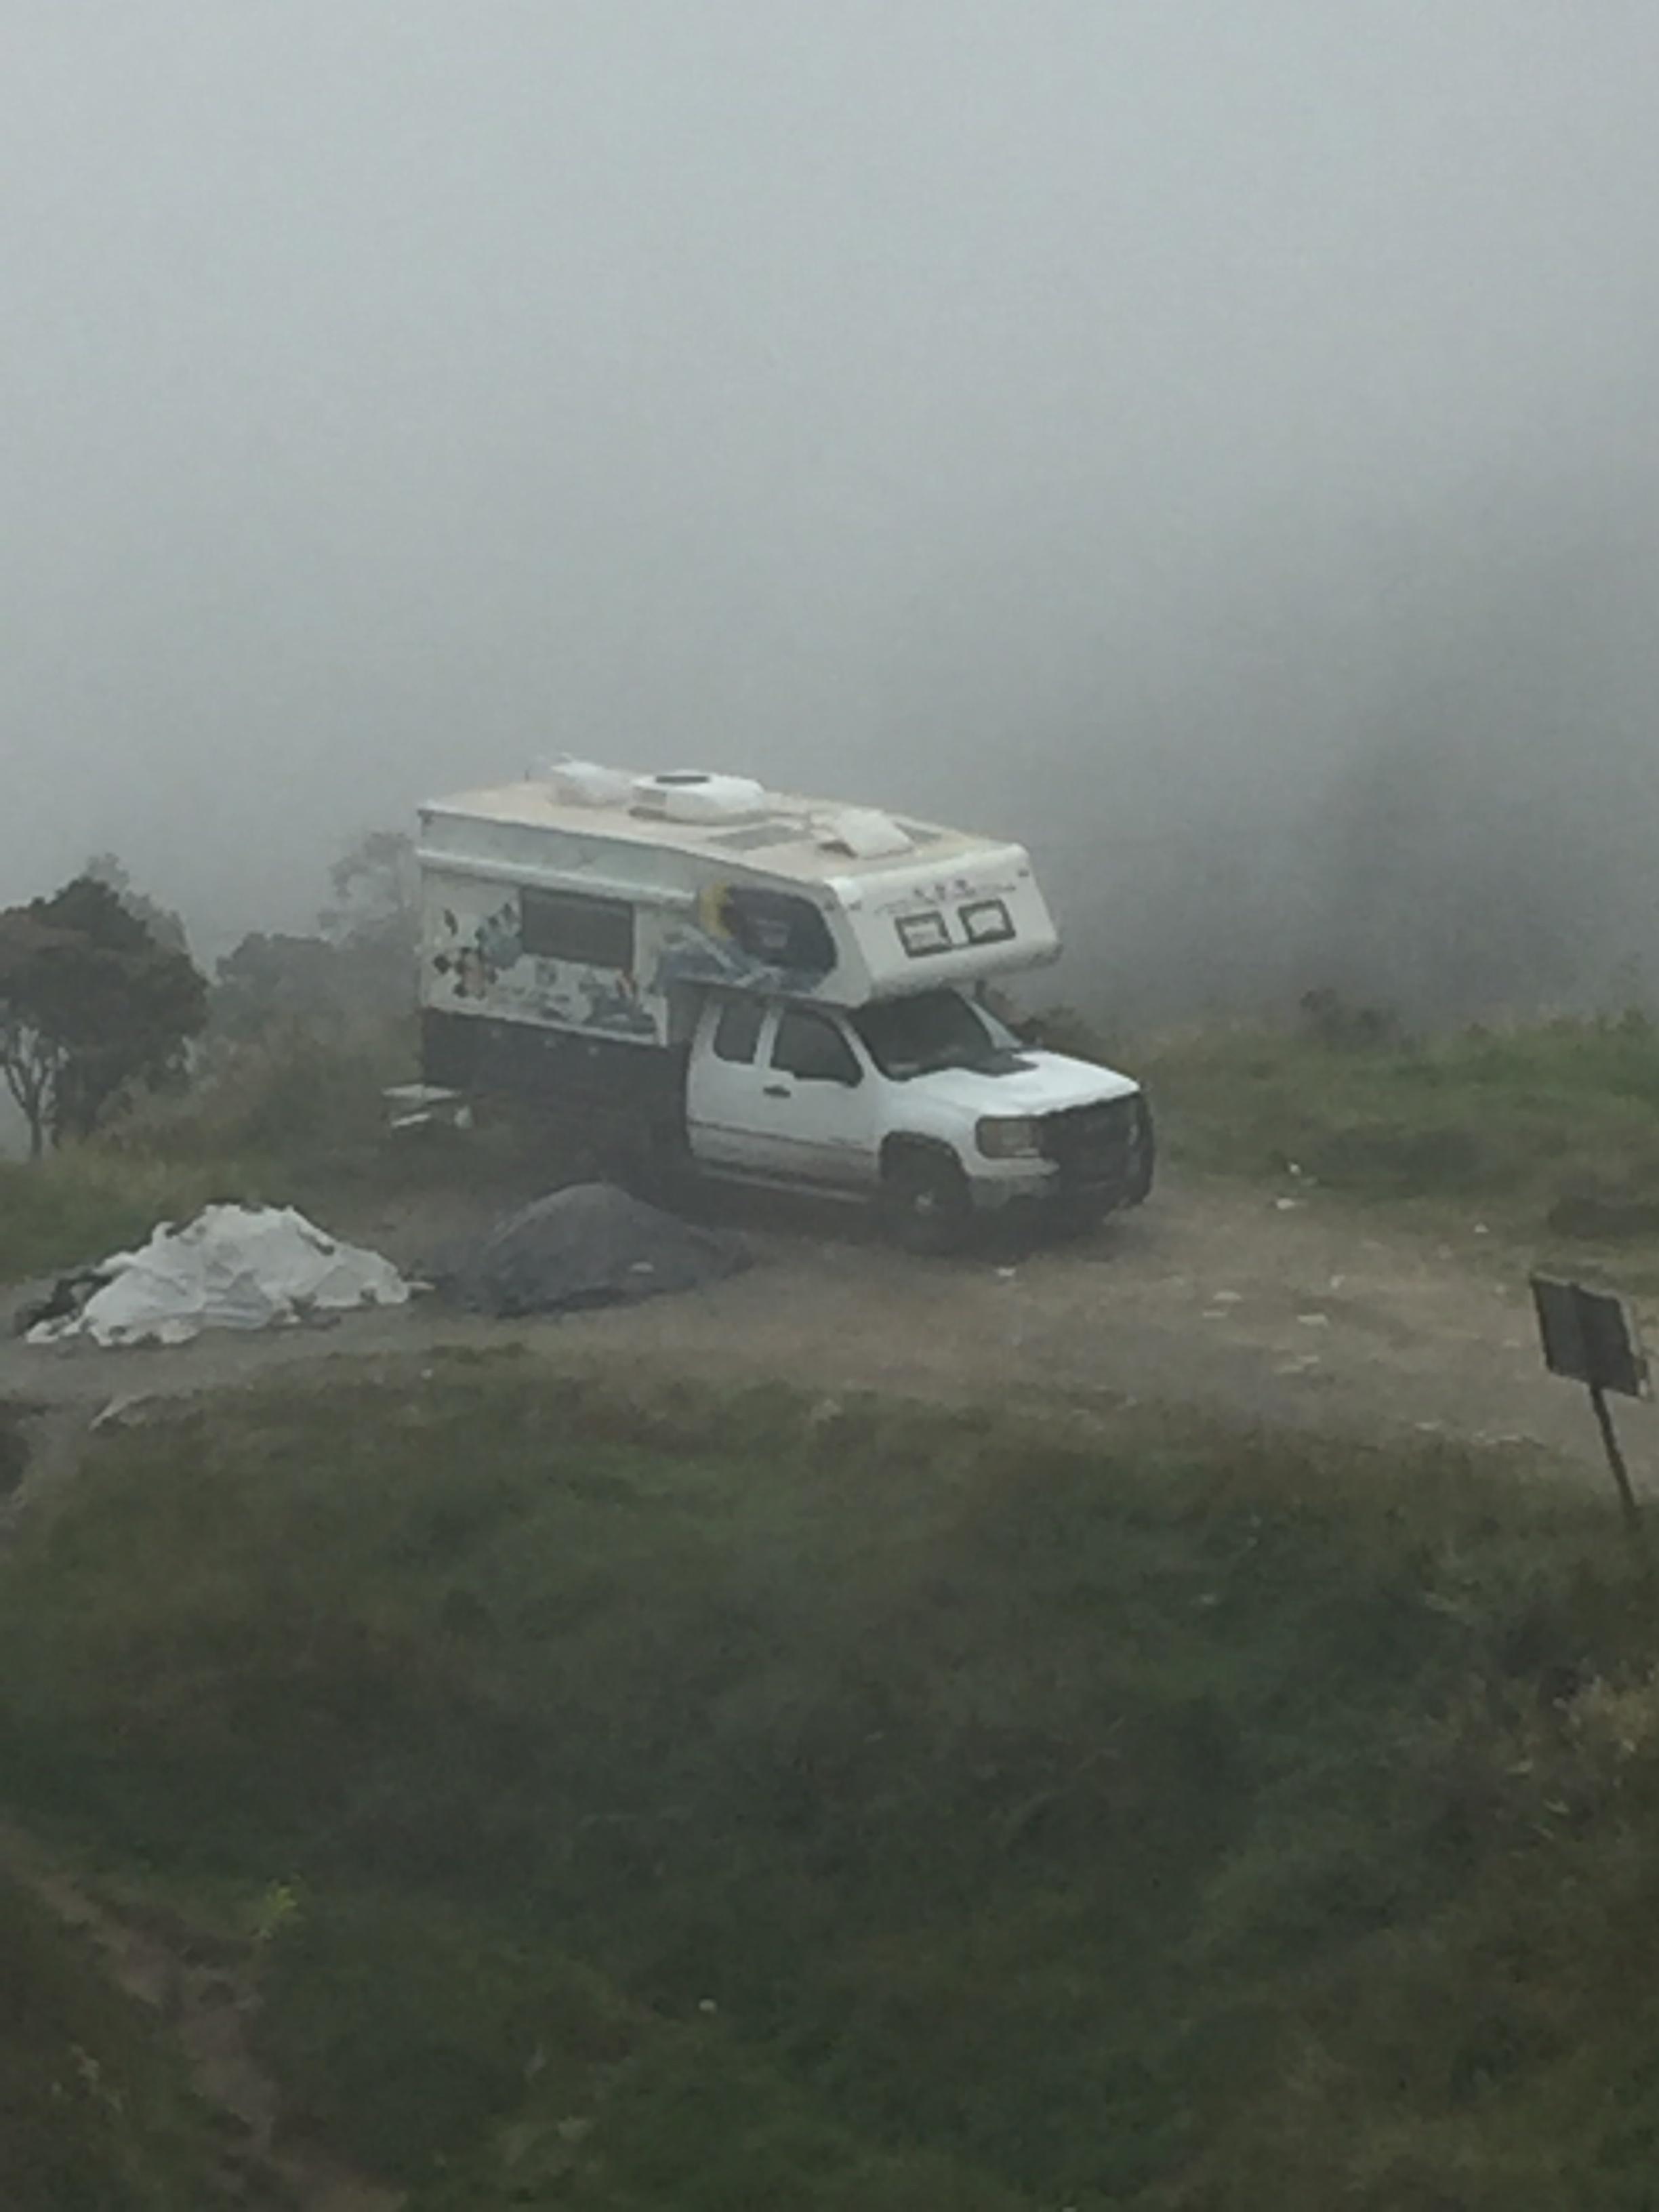 grottocamper in a fog.jpg